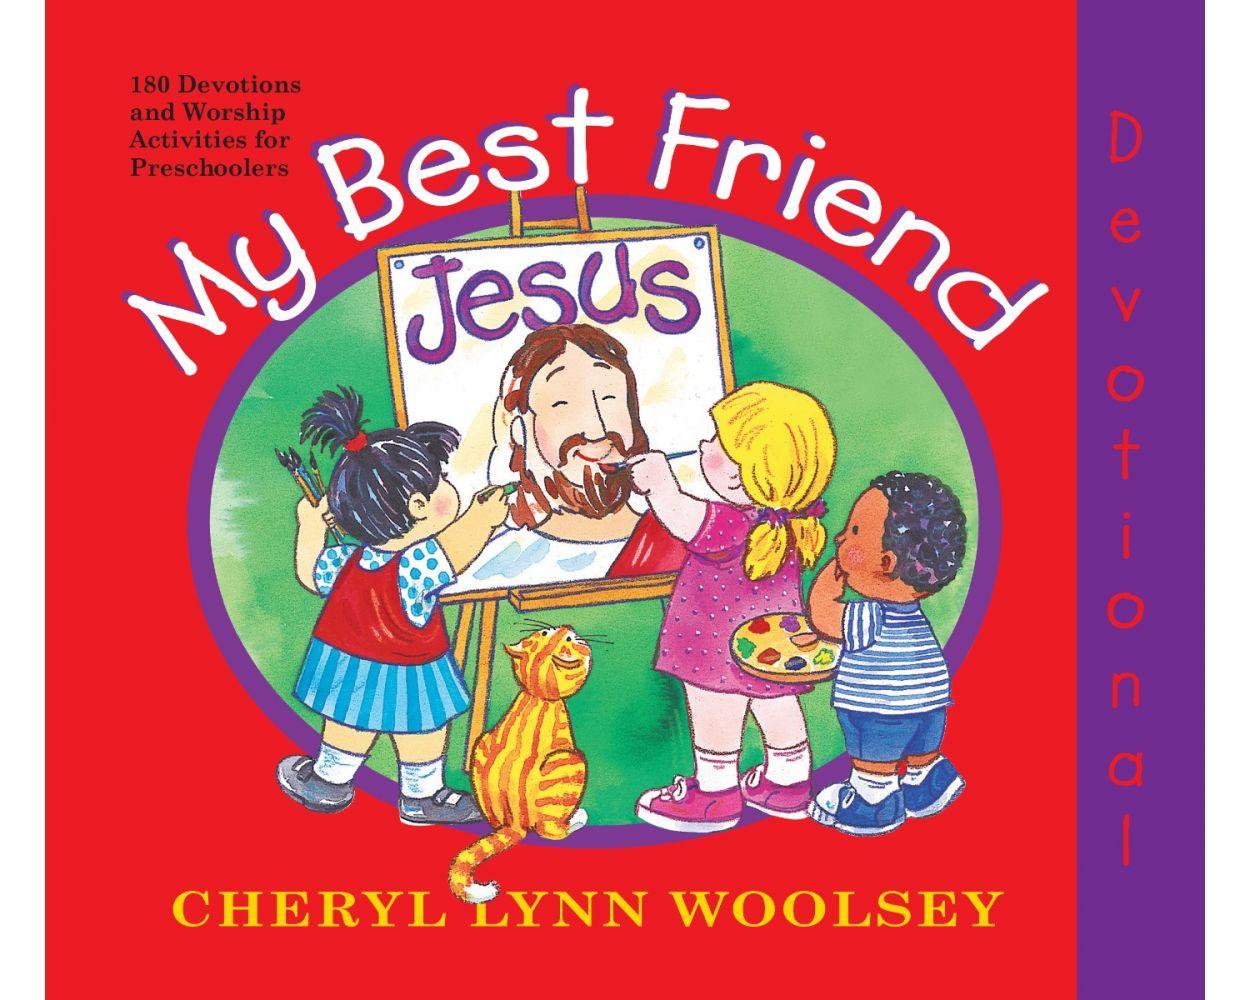 My Best Friend 2021 My Best Friend Jesus (2021 Preschool Devotional)